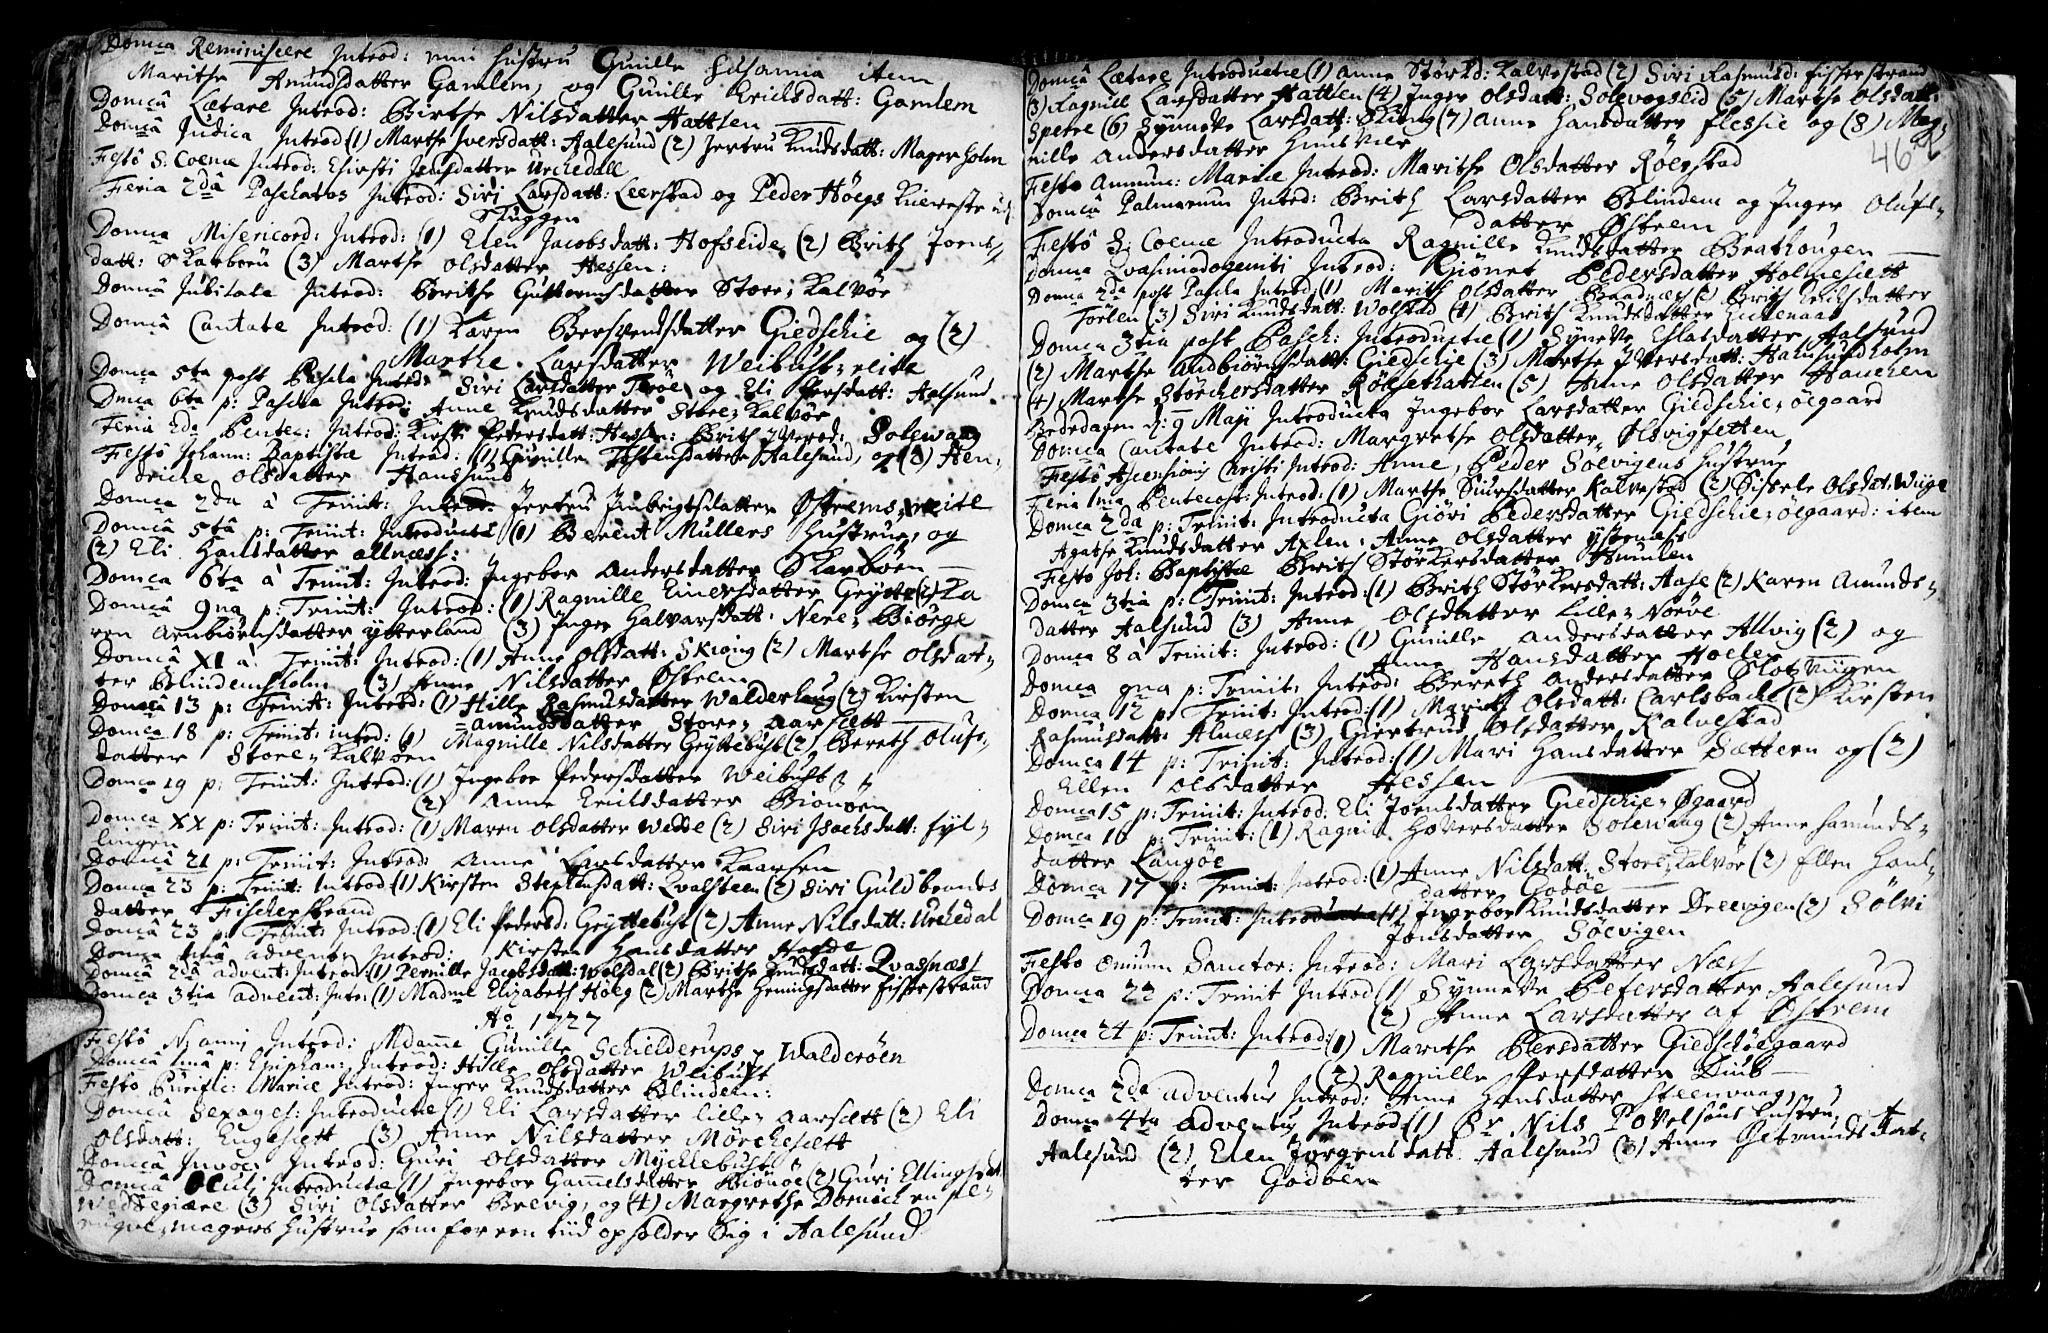 SAT, Ministerialprotokoller, klokkerbøker og fødselsregistre - Møre og Romsdal, 528/L0390: Ministerialbok nr. 528A01, 1698-1739, s. 466-467